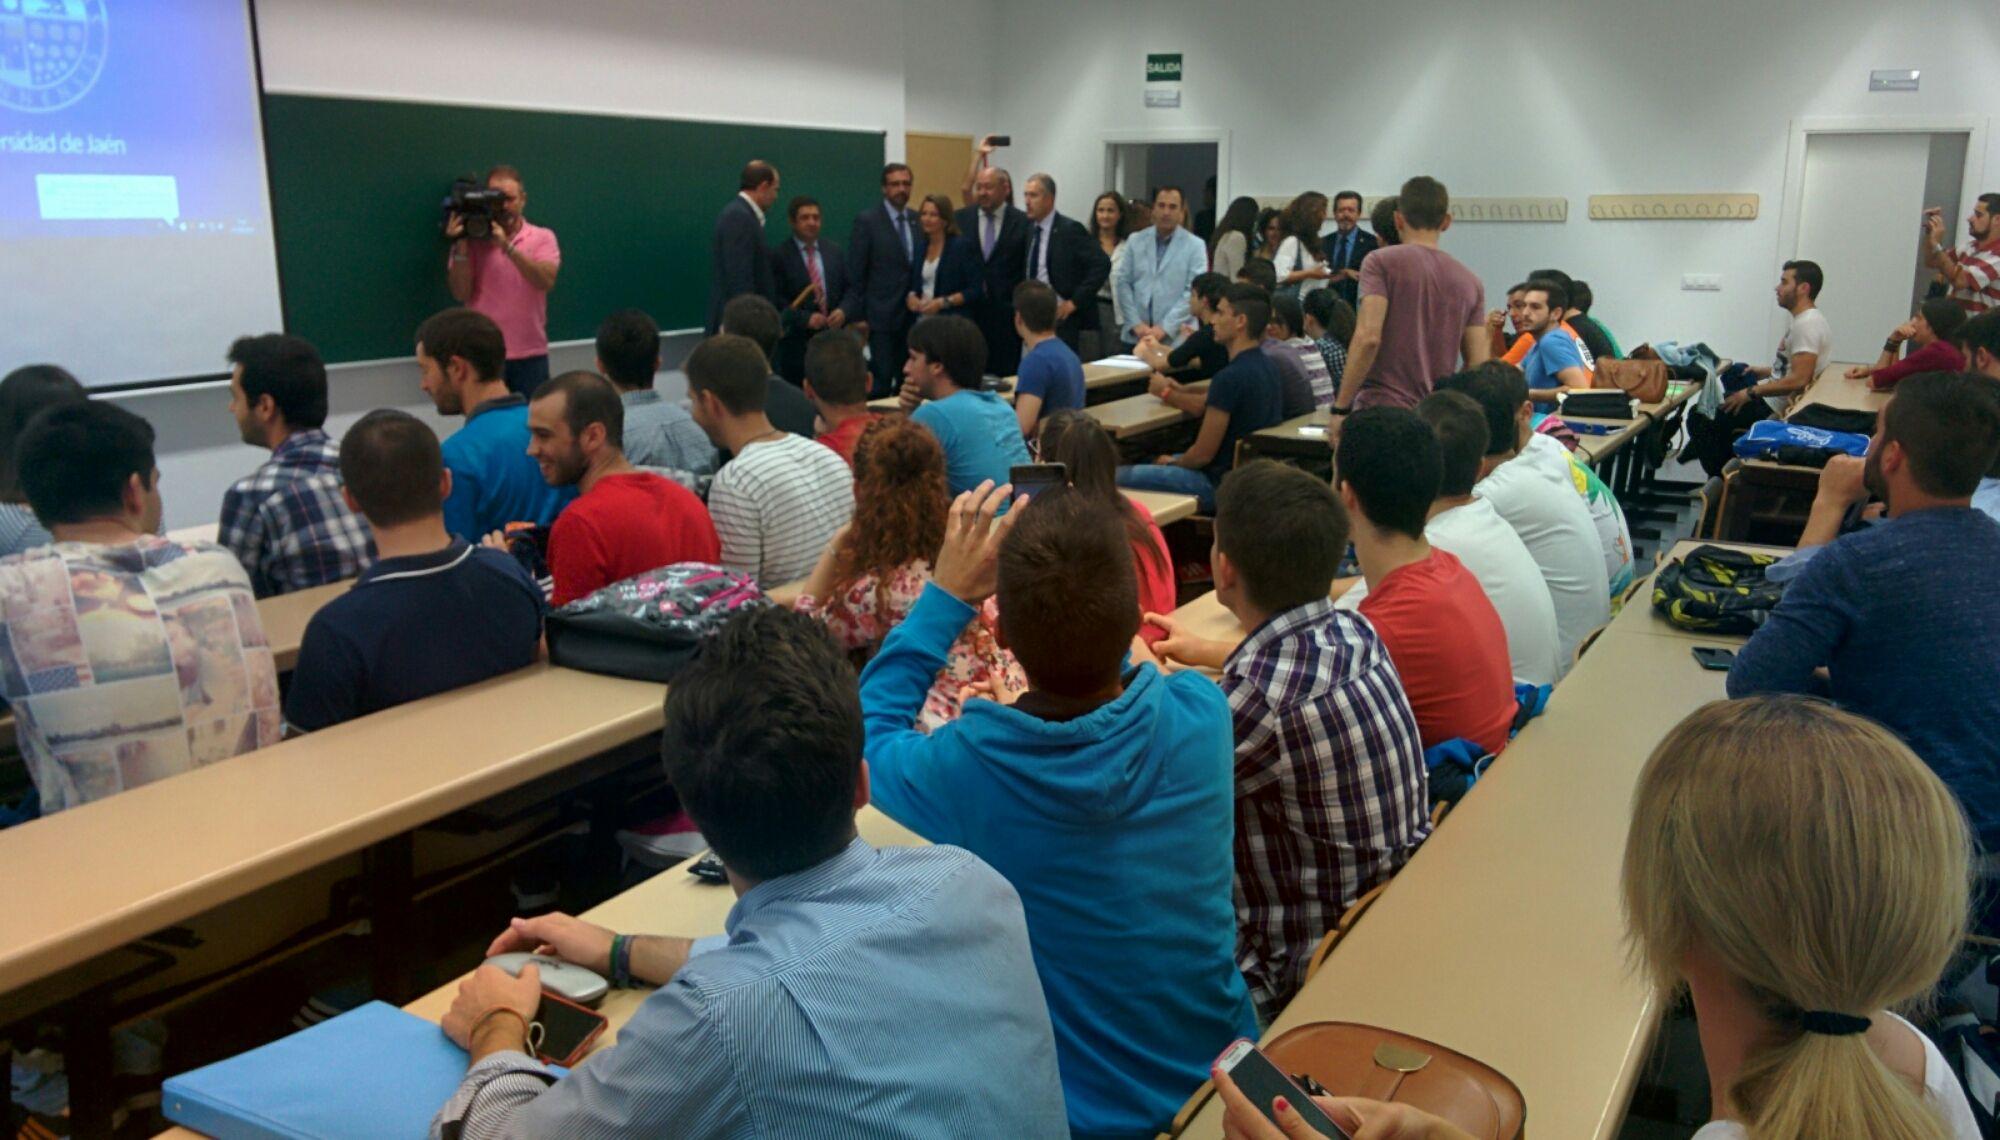 Comienzan las clases en el nuevo Campus de Linares